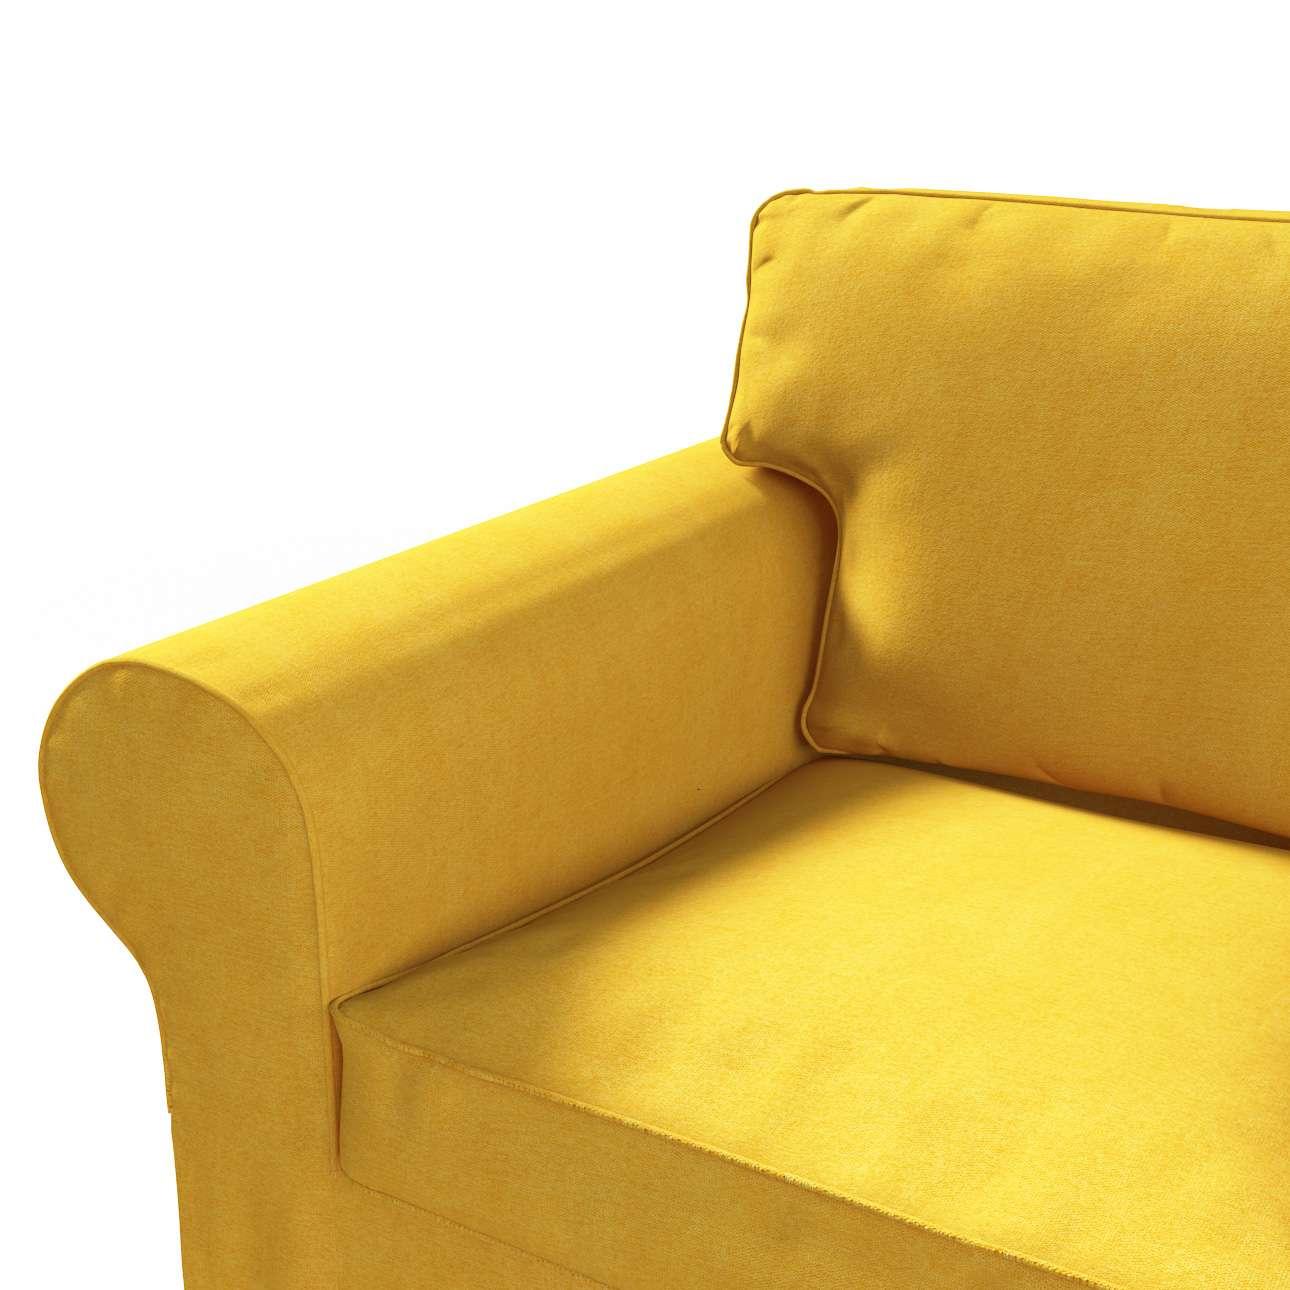 Pokrowiec na sofę Ektorp 2-osobową rozkładana NOWY MODEL 2012 sofa ektorp 2-osobowa rozkładana NOWY MODEL w kolekcji Etna , tkanina: 705-04